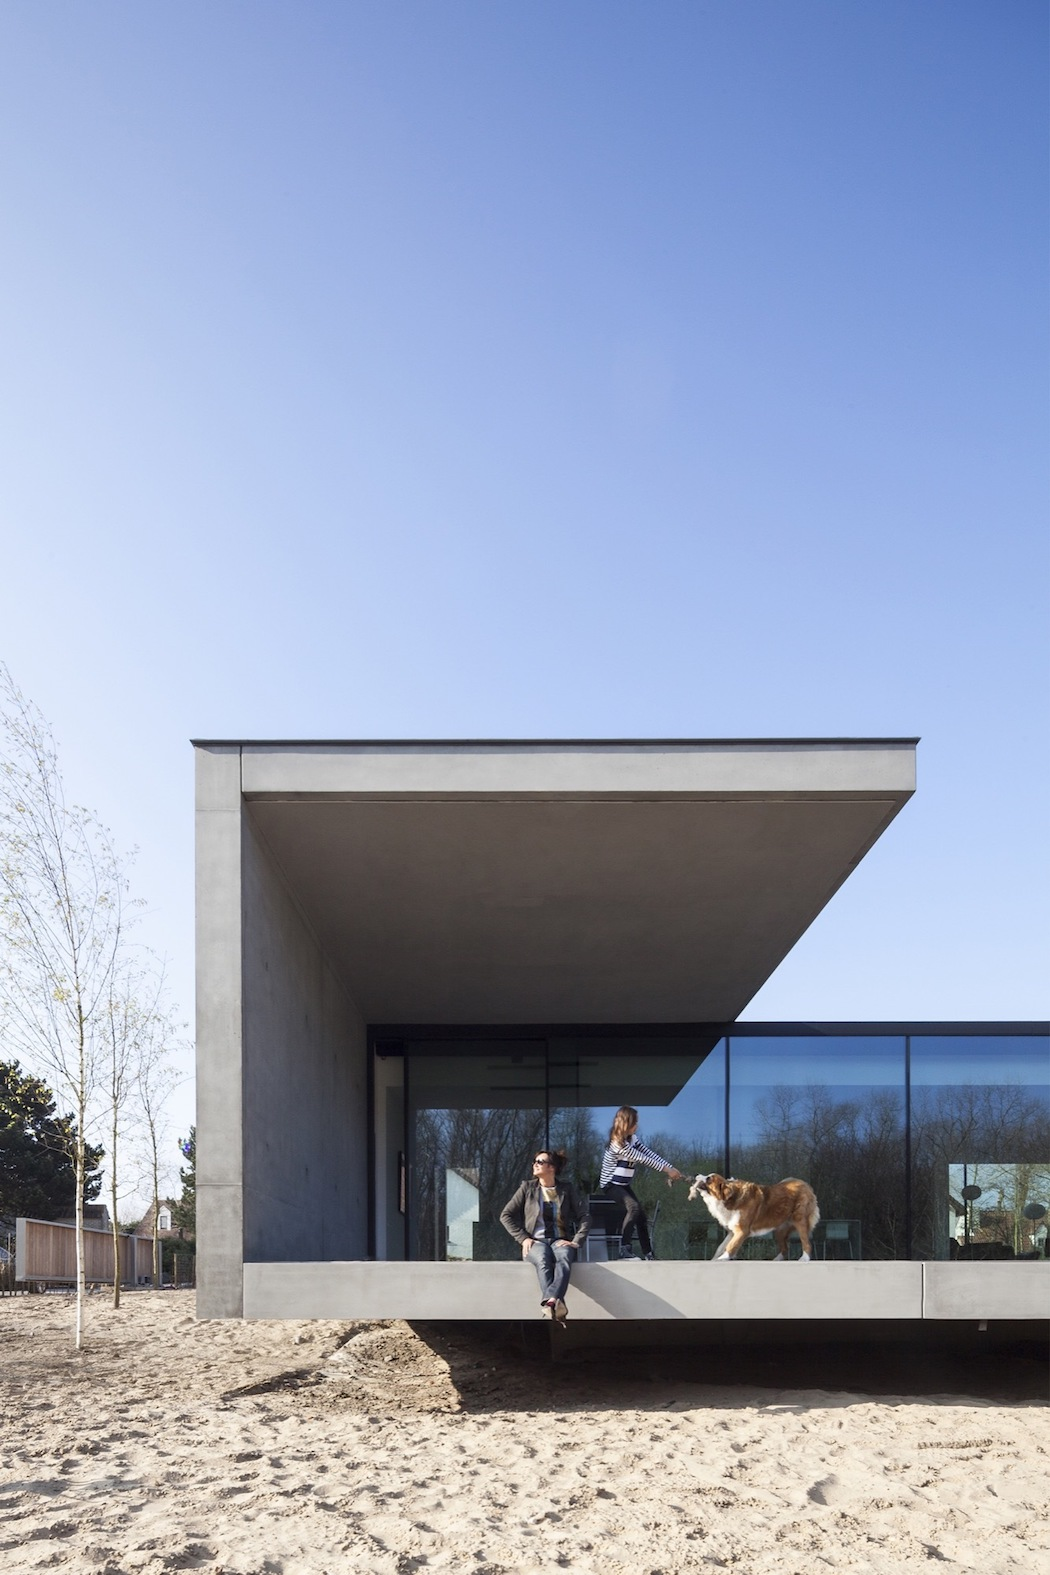 villa-kdp-govaert-vanhoutte-architects-4